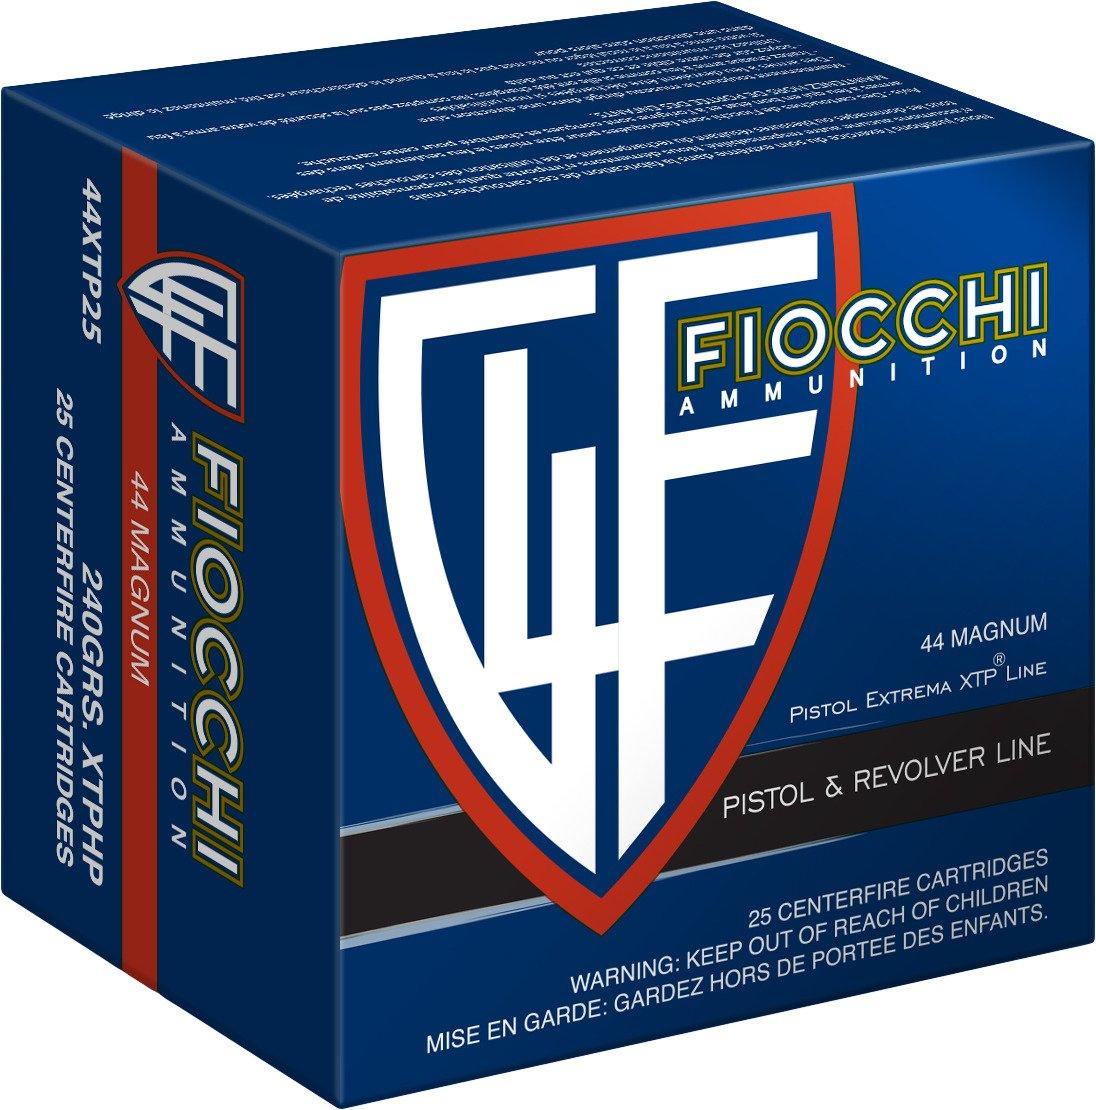 Fiocchi Extrema XTP Hollow-Point Centerfire Handgun Ammunition